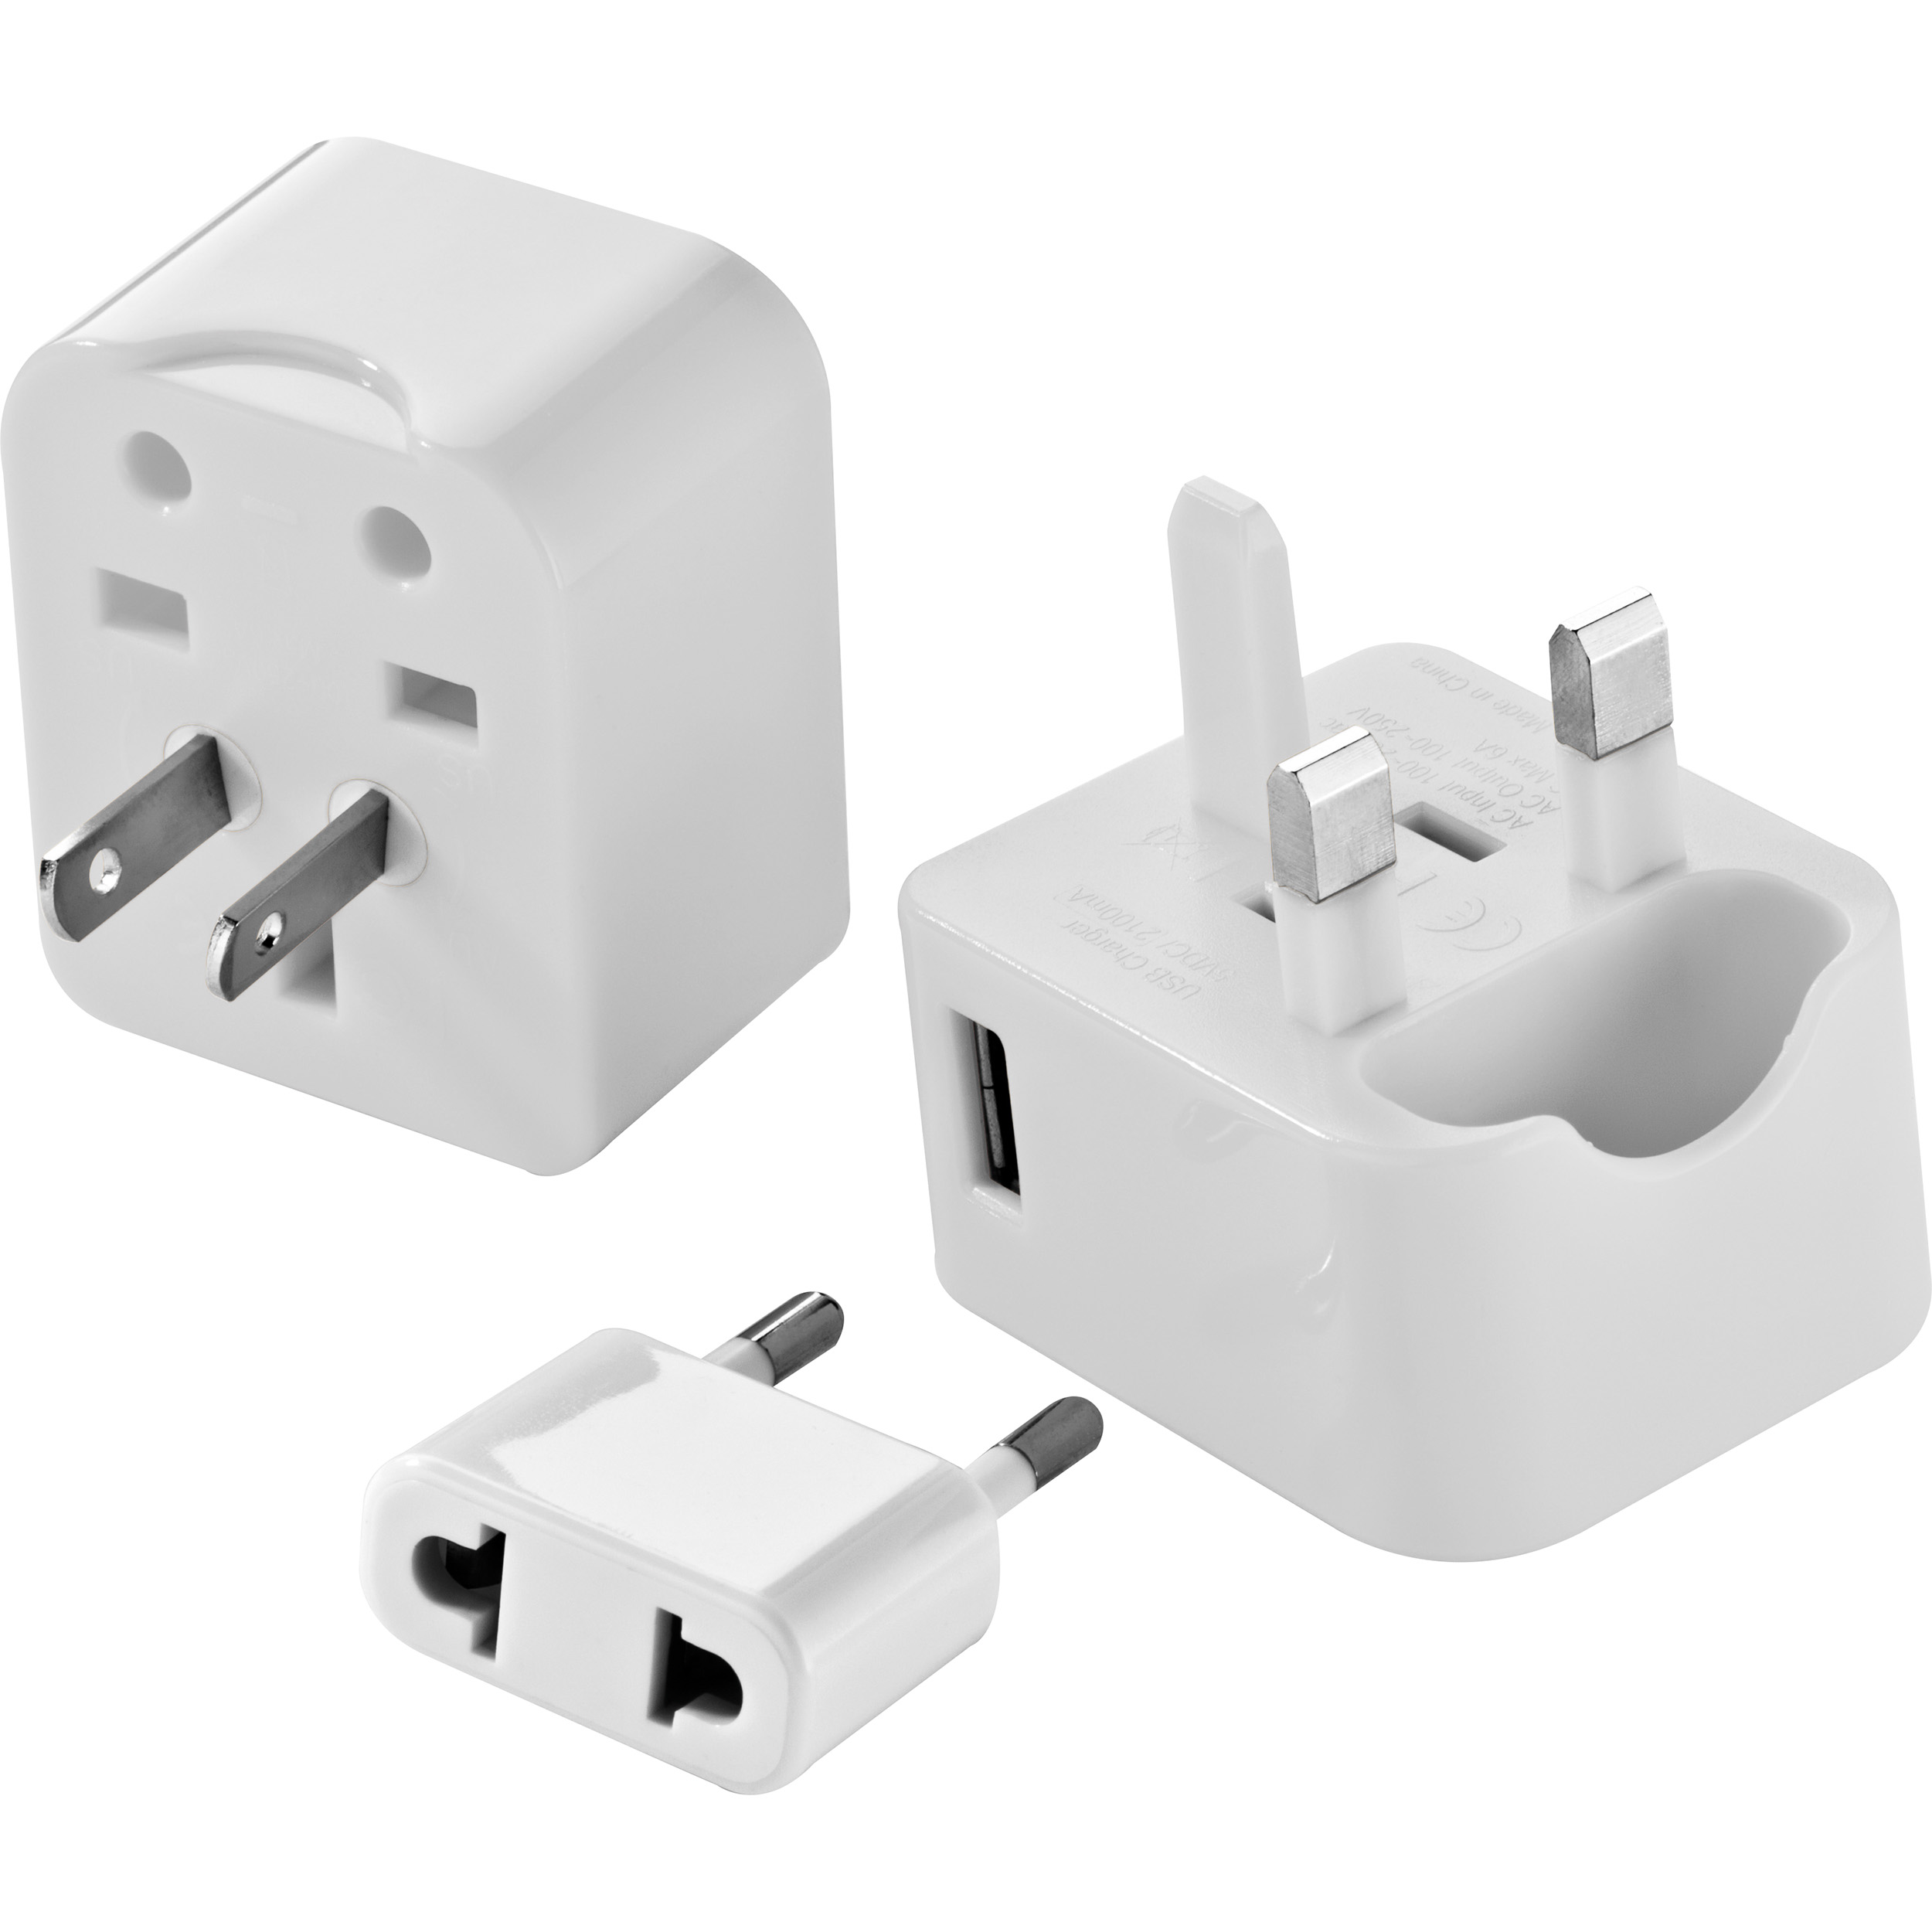 Reiseadapter im Etui mit Adaptern für US, UK, AUS, Asien und EU und einem USB-Anschluss